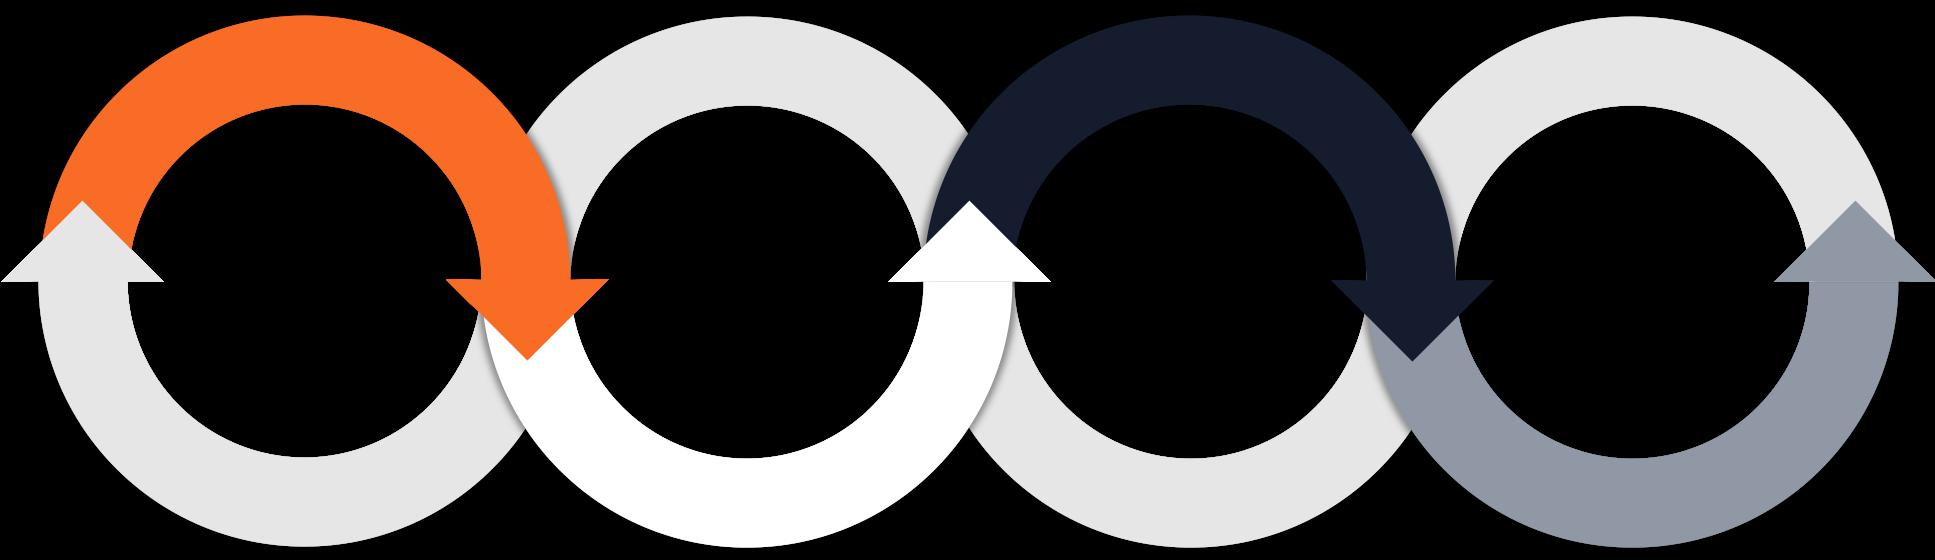 Ciclo de producto techbizdesign diseño computacional